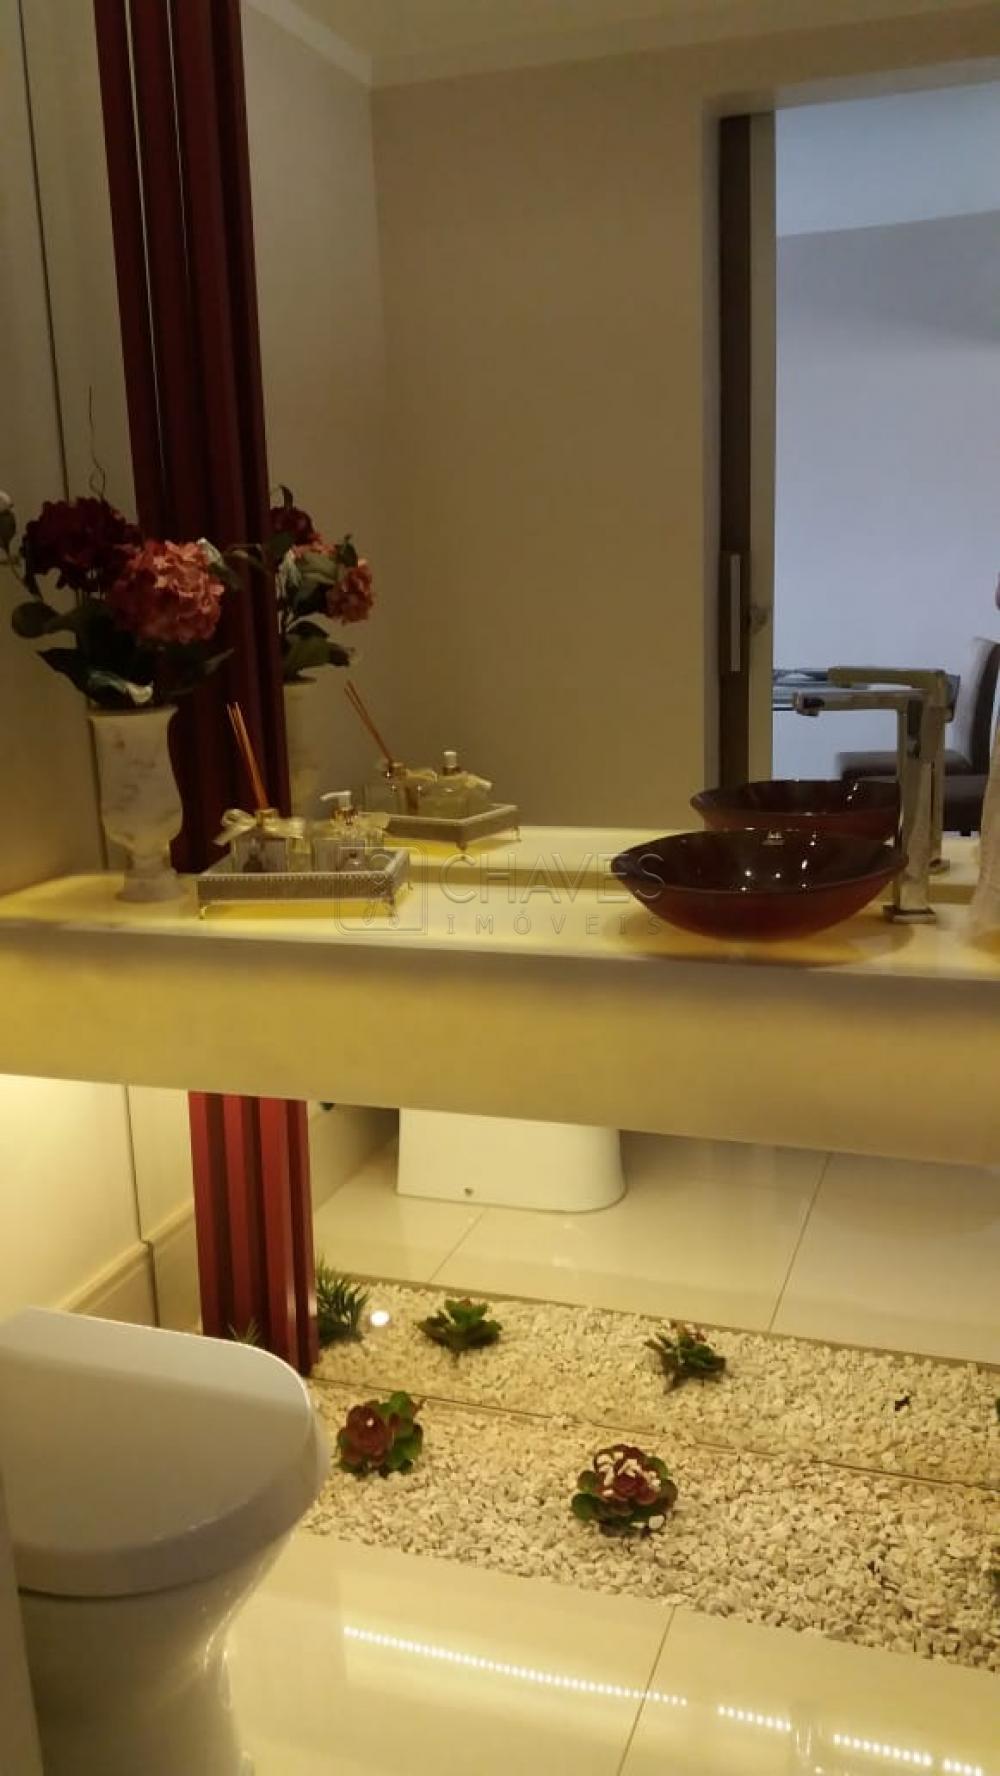 Comprar Apartamento / Padrão em Ribeirão Preto apenas R$ 530.000,00 - Foto 10